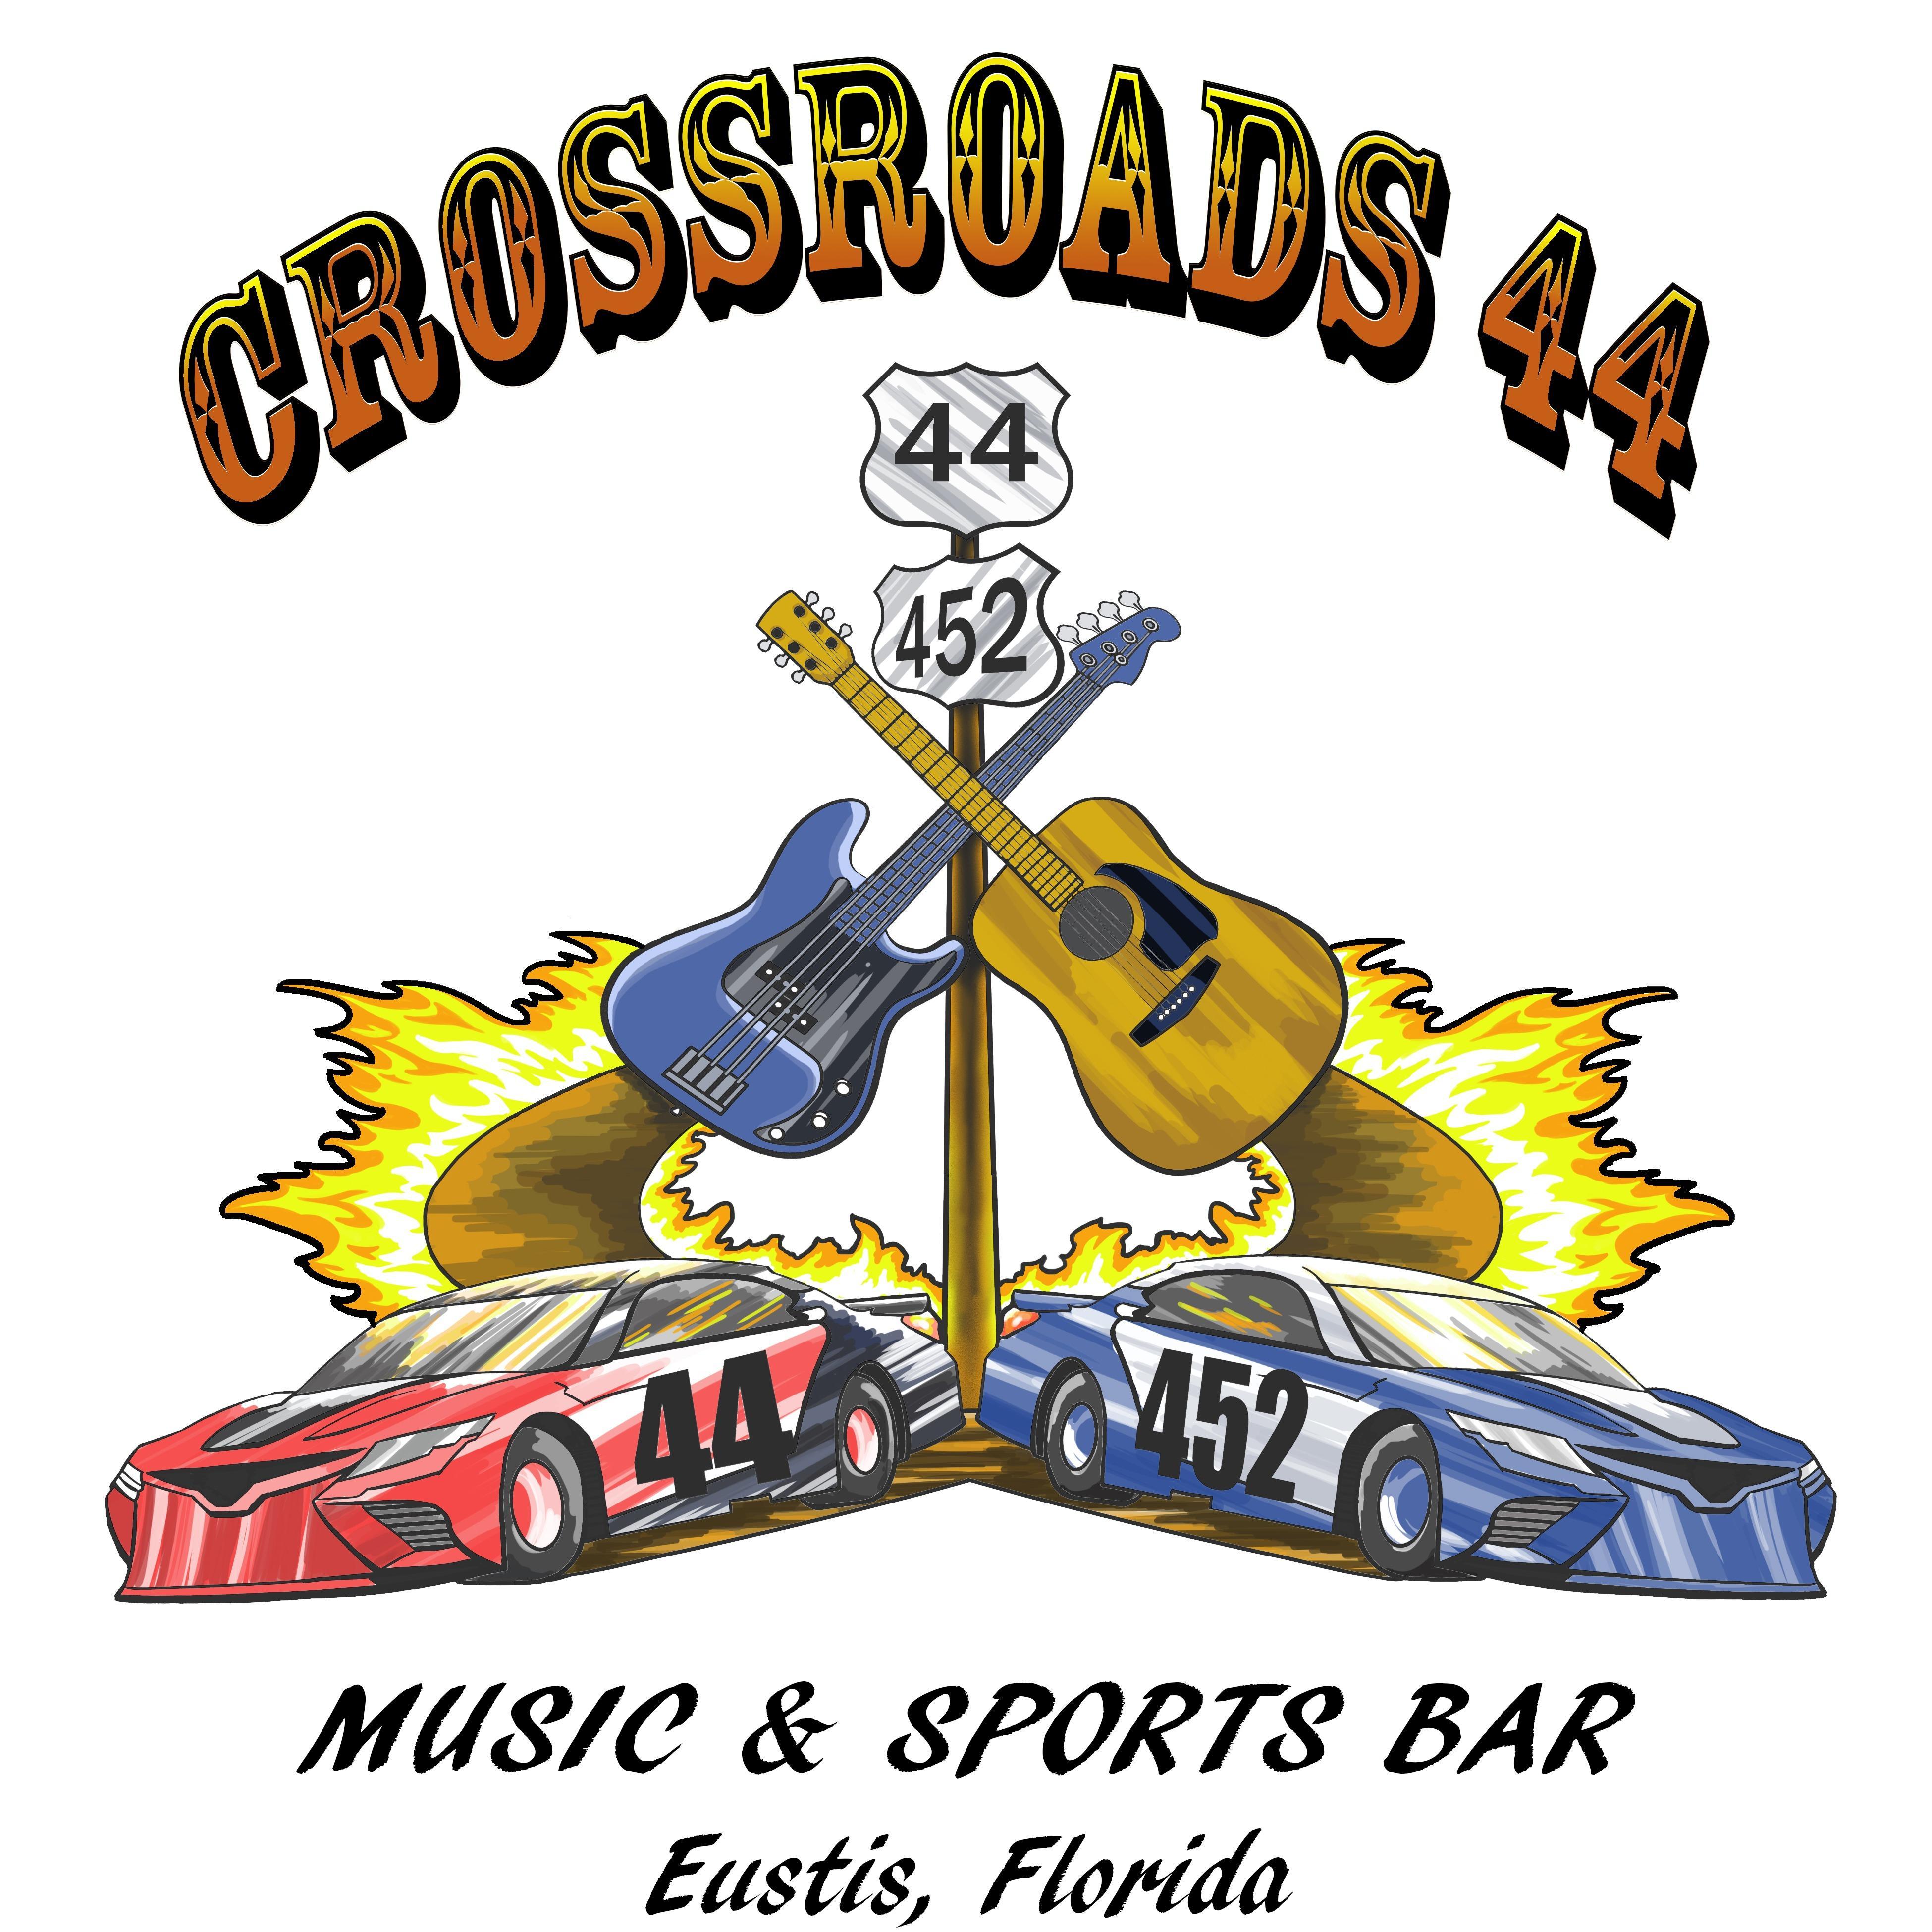 Crossroads 44